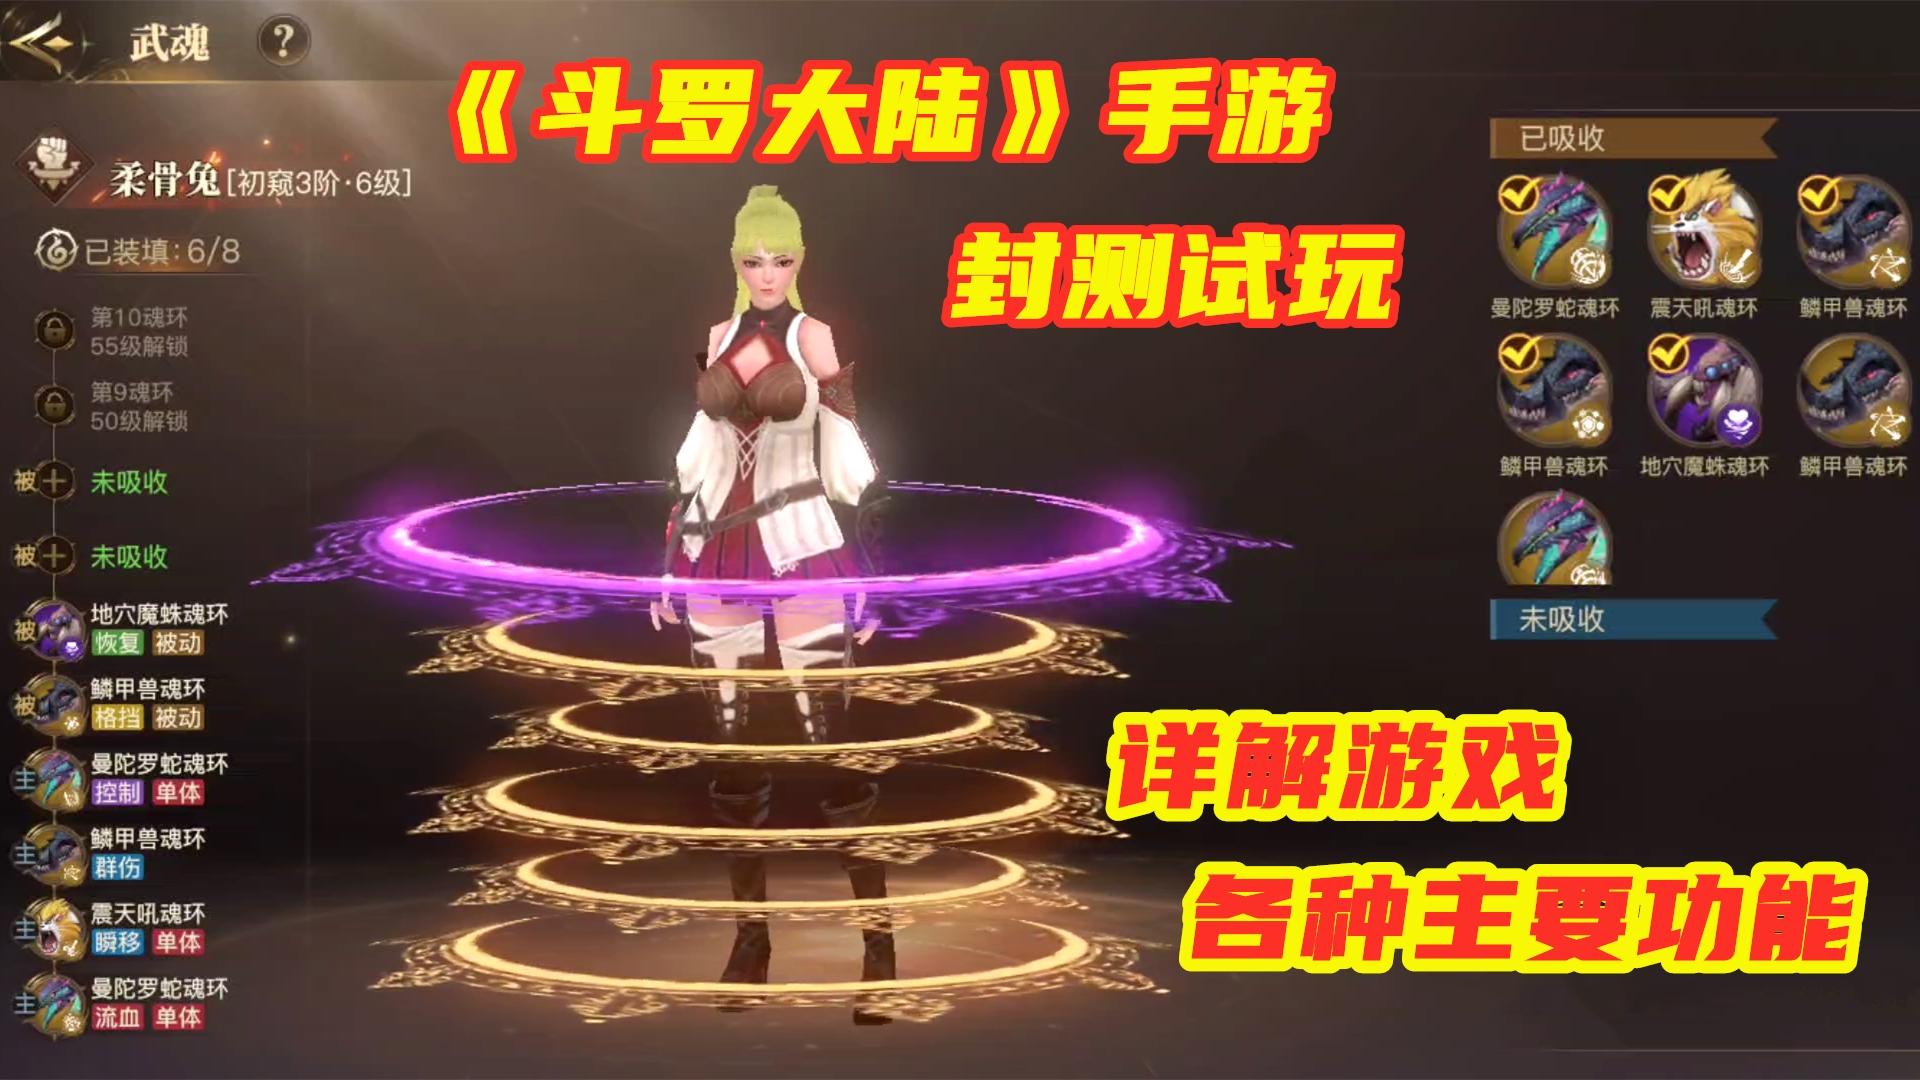 手游试玩:斗罗大陆手游来了!45级柔骨兔武魂,详解游戏各种玩法